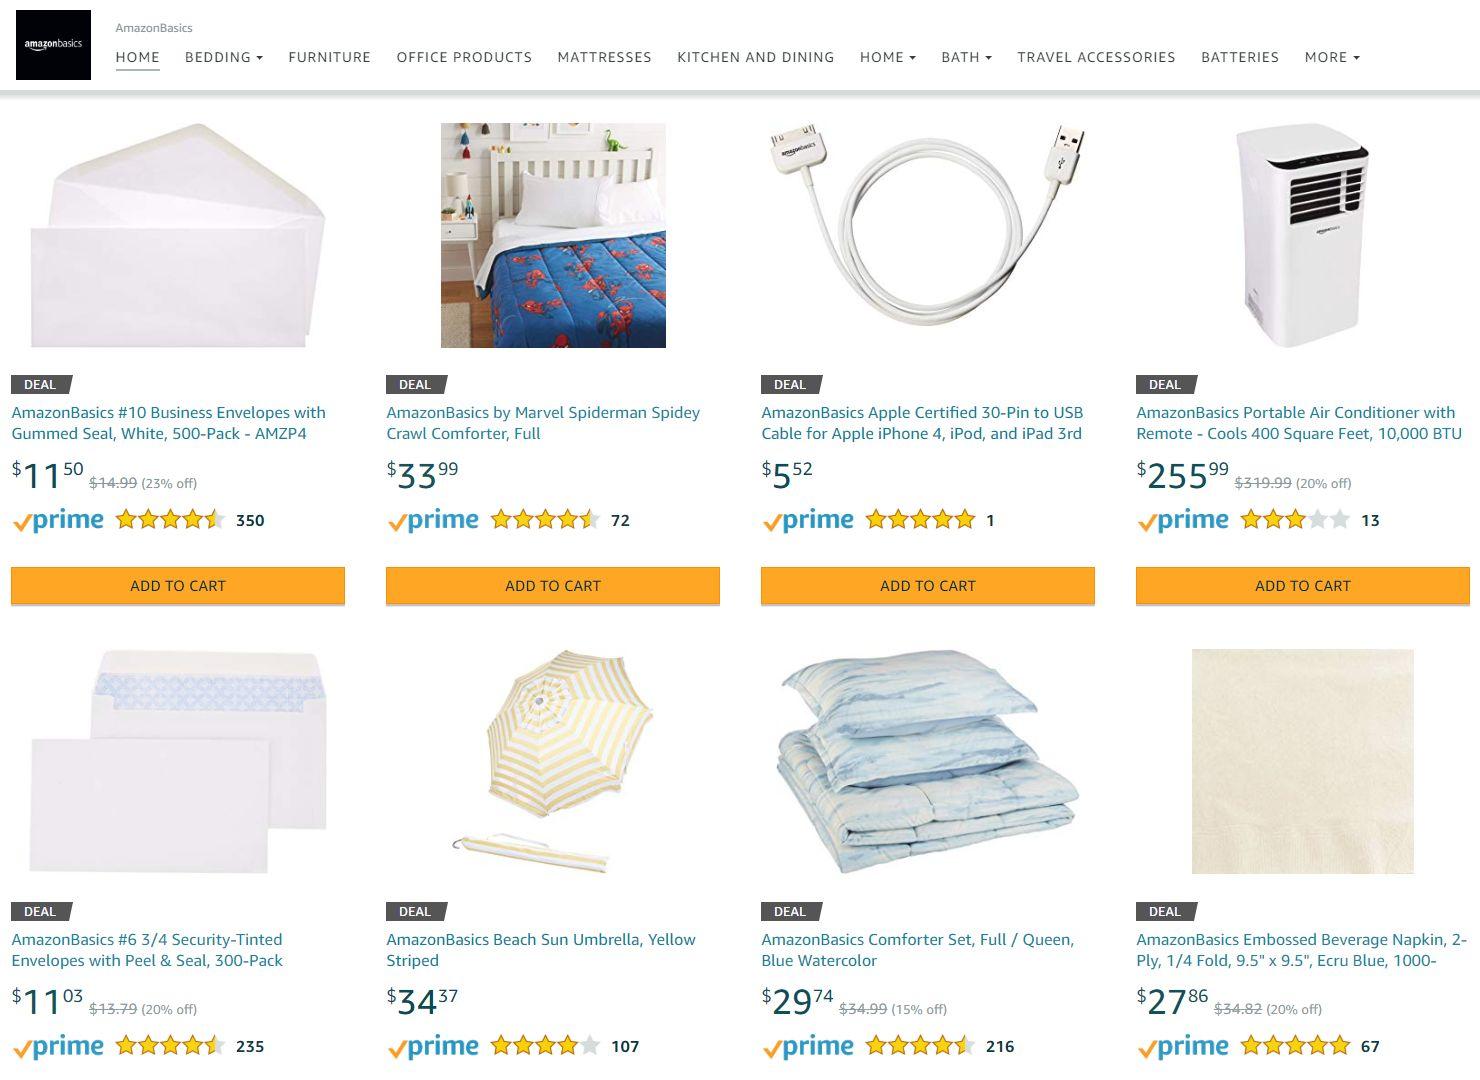 Amazon Basics, czyli produkty sprzedawane bezpośrednie przez Amazona ma jego platformie